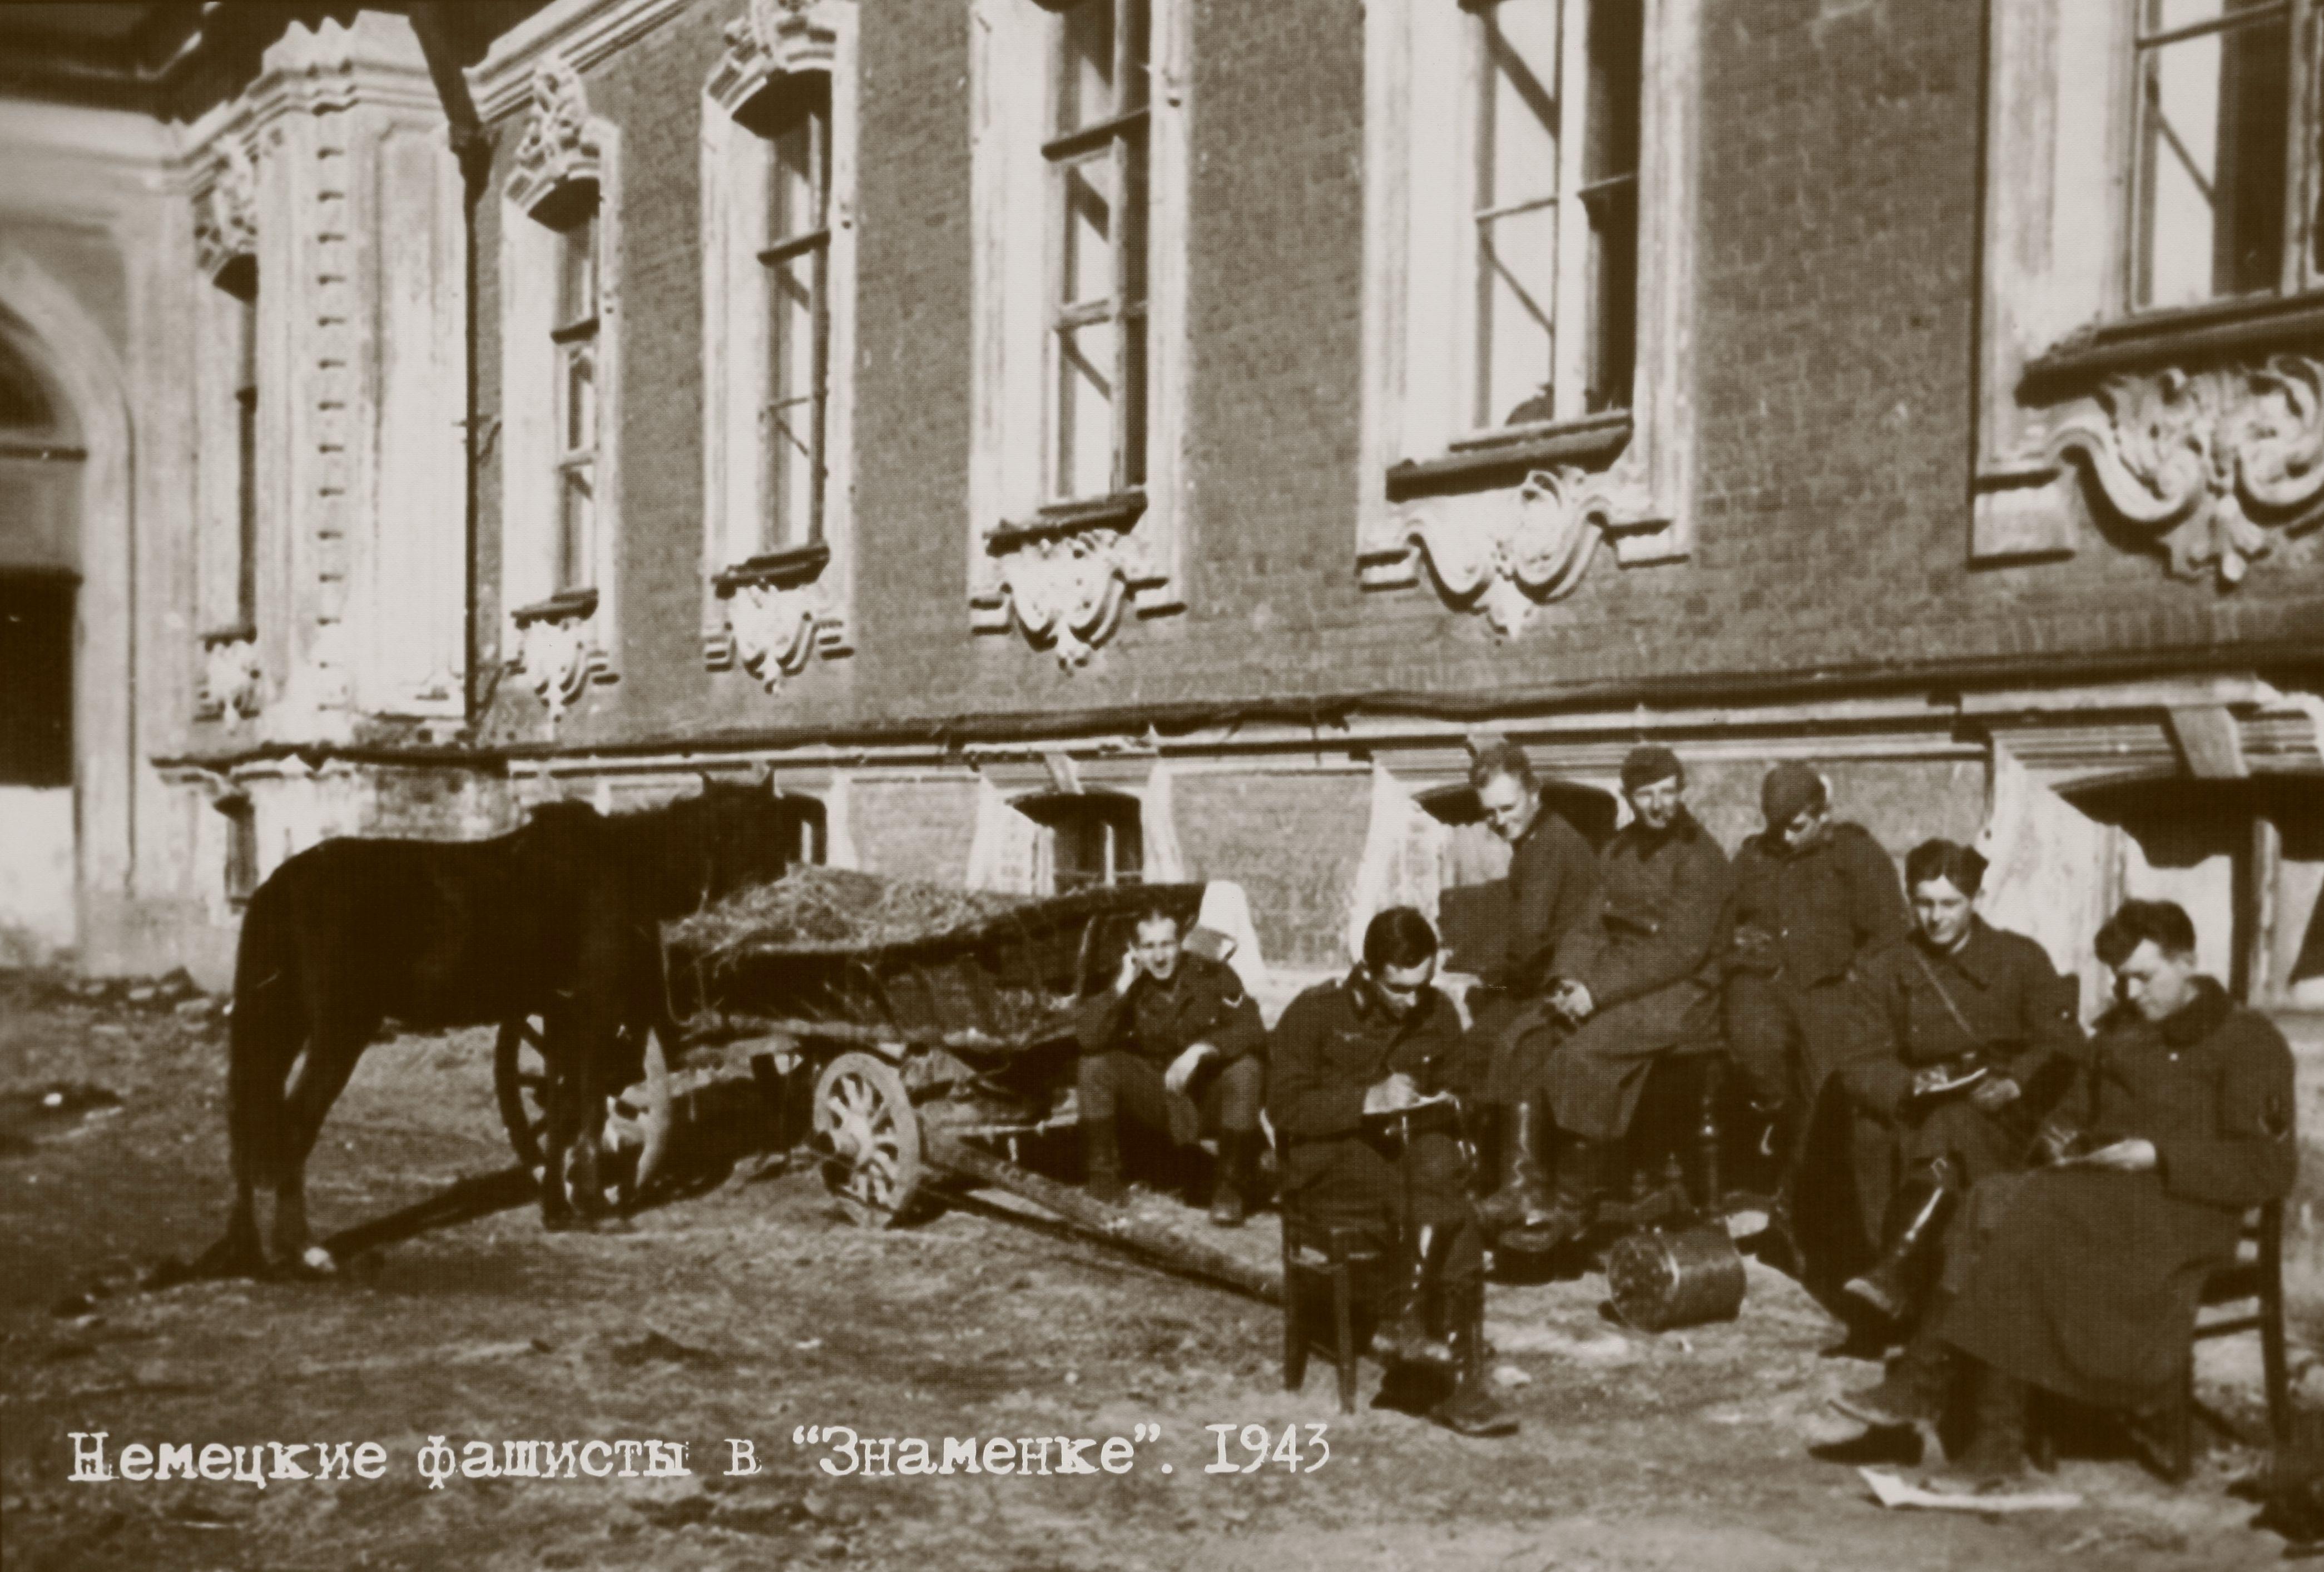 1943. Немцы в Знаменке